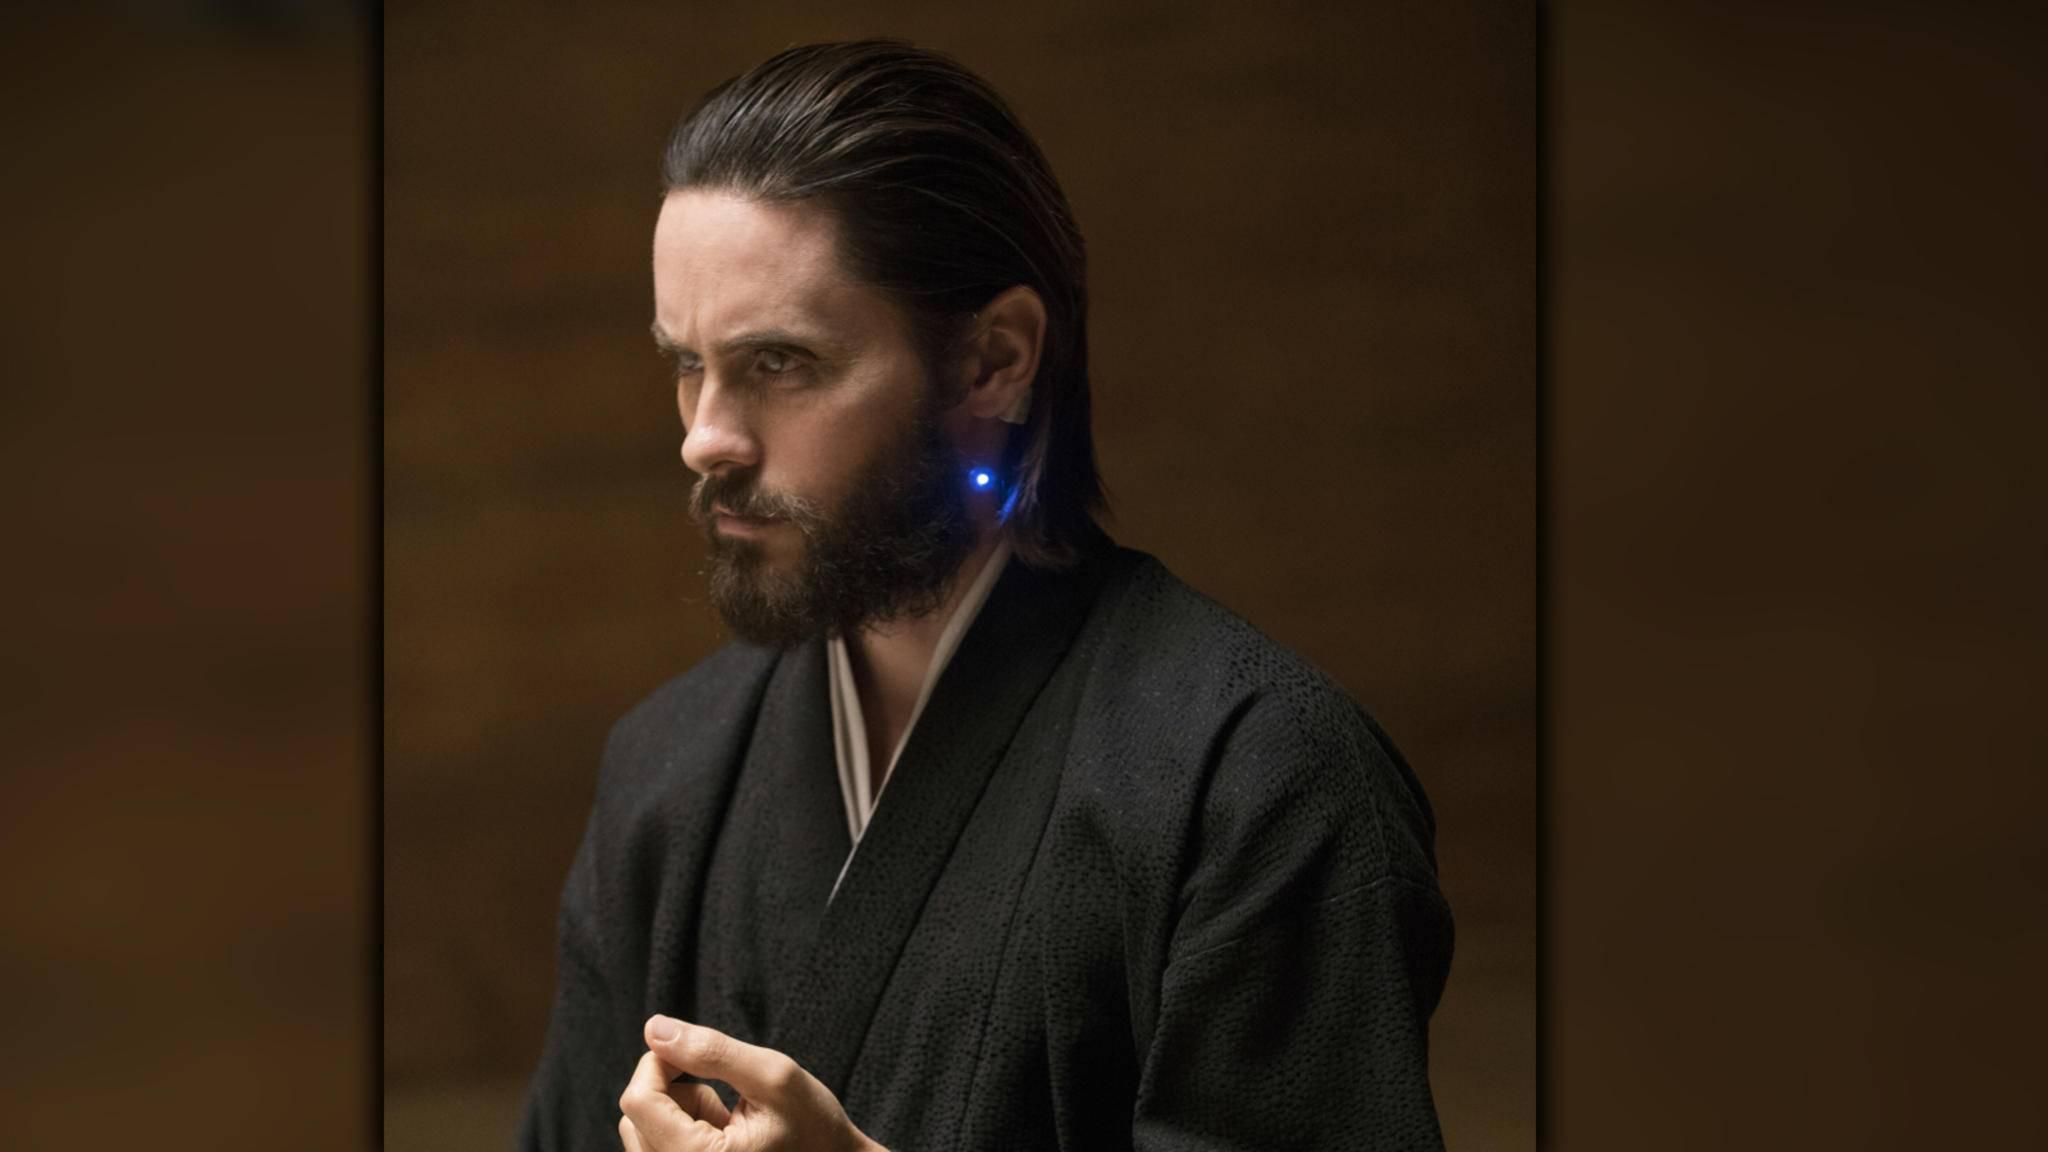 """Nach """"Blade Runner 2049"""" sehen wir Jared Leto bald in """"Morbius"""" auf der großen Leinwand wieder."""